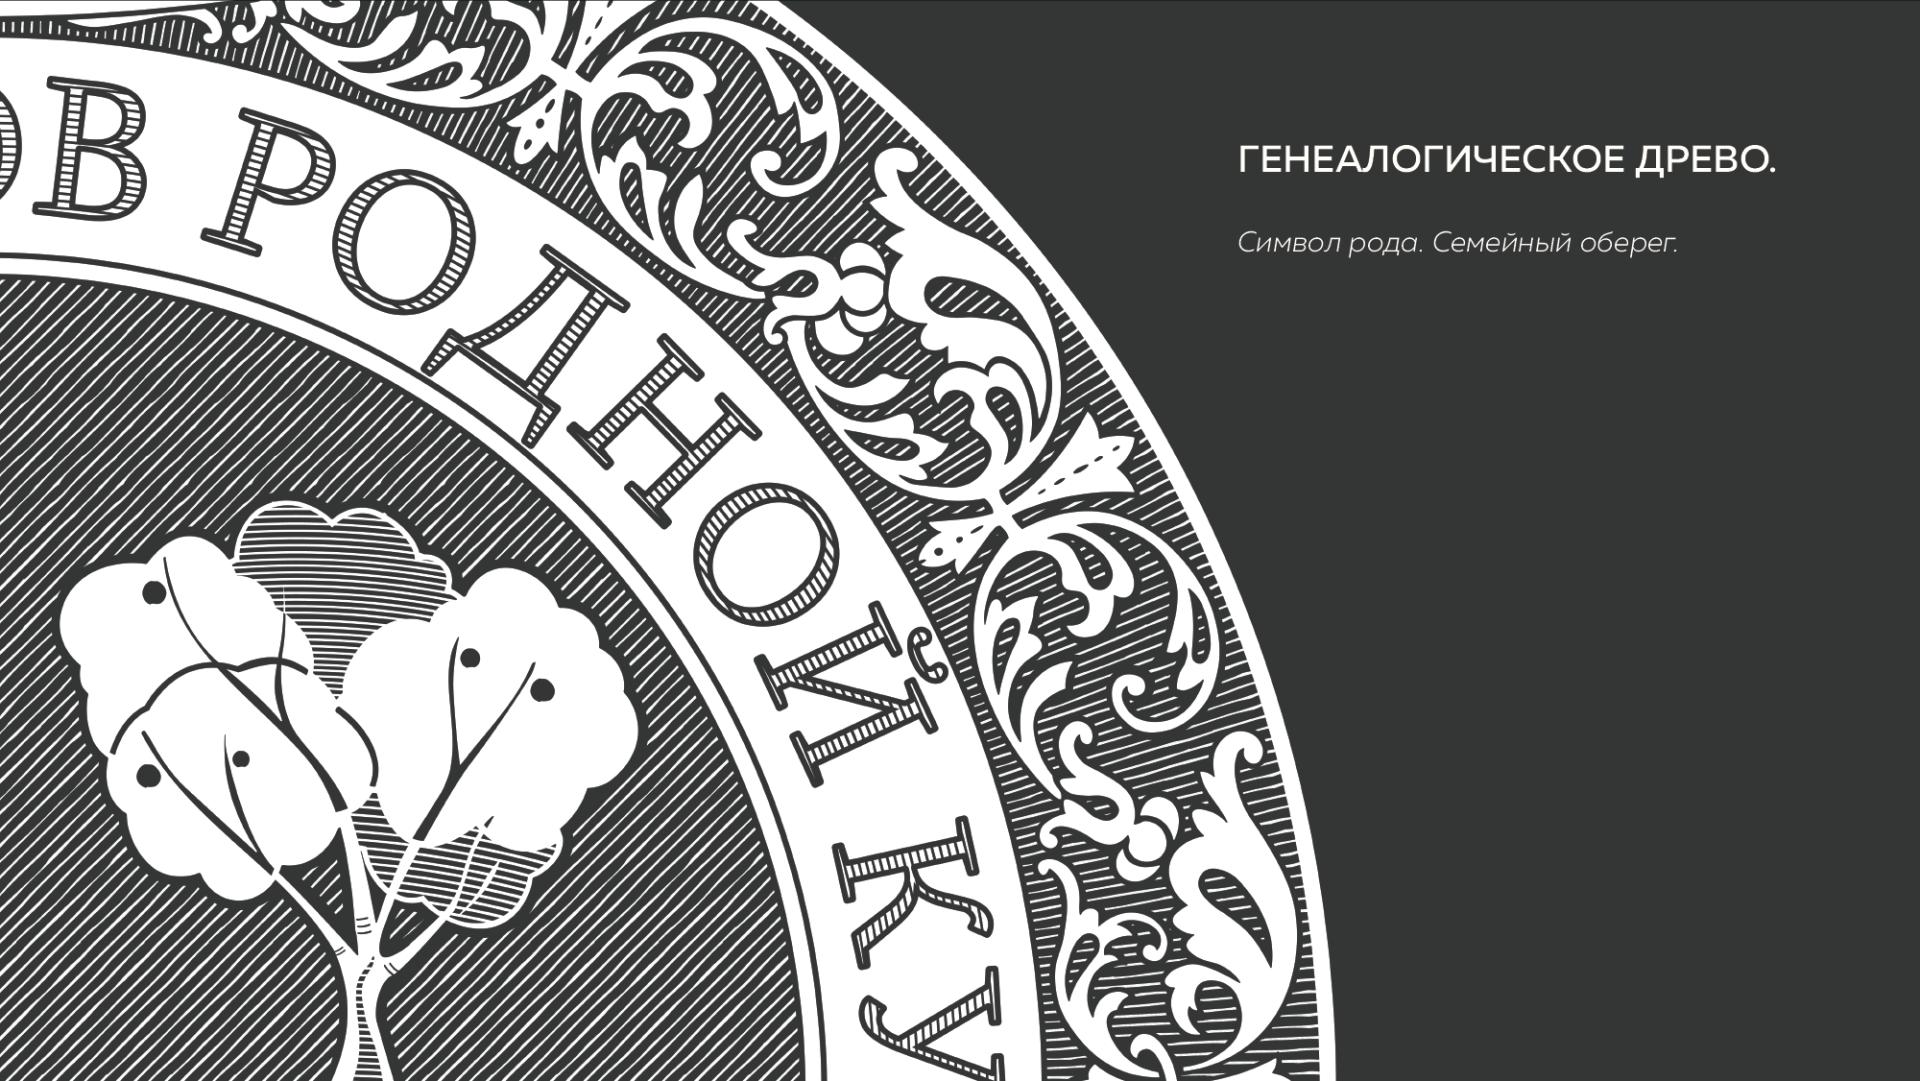 Семья ресторанов Родной кухни - HMS Brands - кейсы, брендинг - лого часть 2